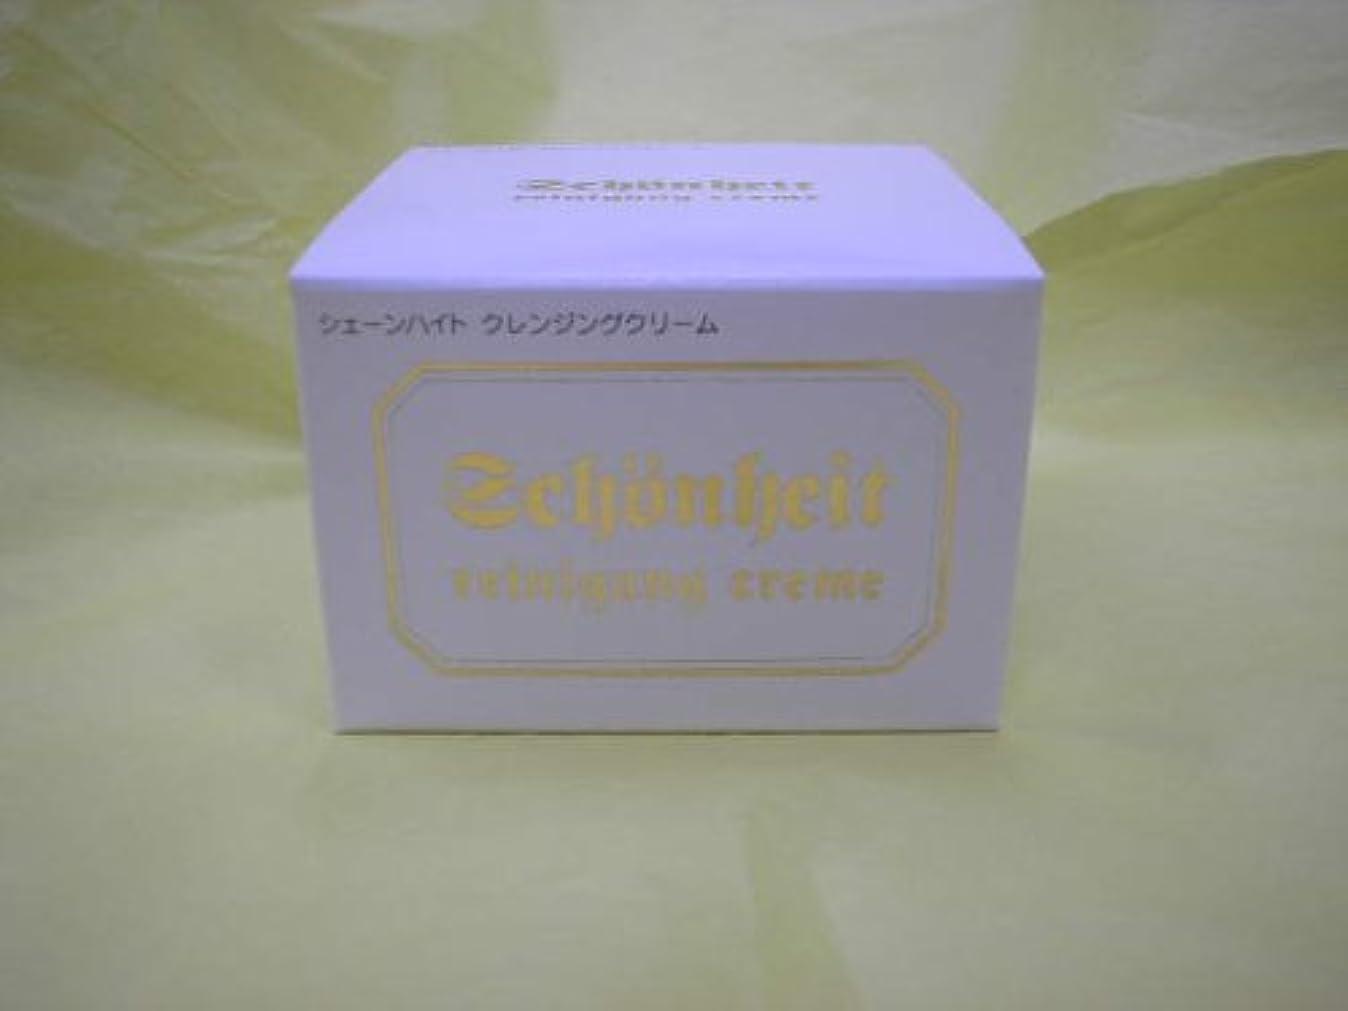 前文梨インシュレータシェンハイト クレンジングクリーム 100g(自然派化粧品)